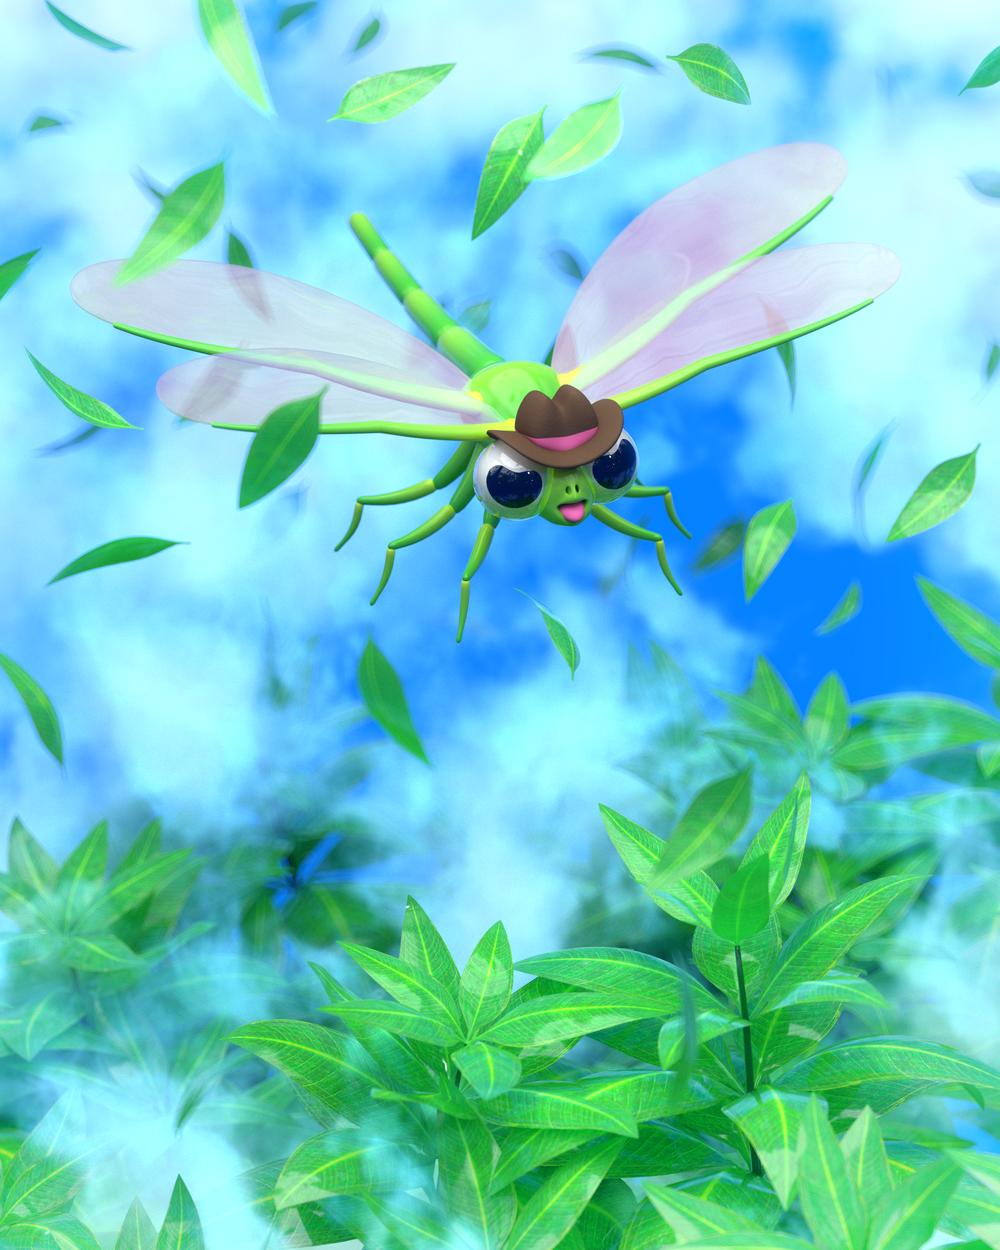 dragonflyPI_4x5.png